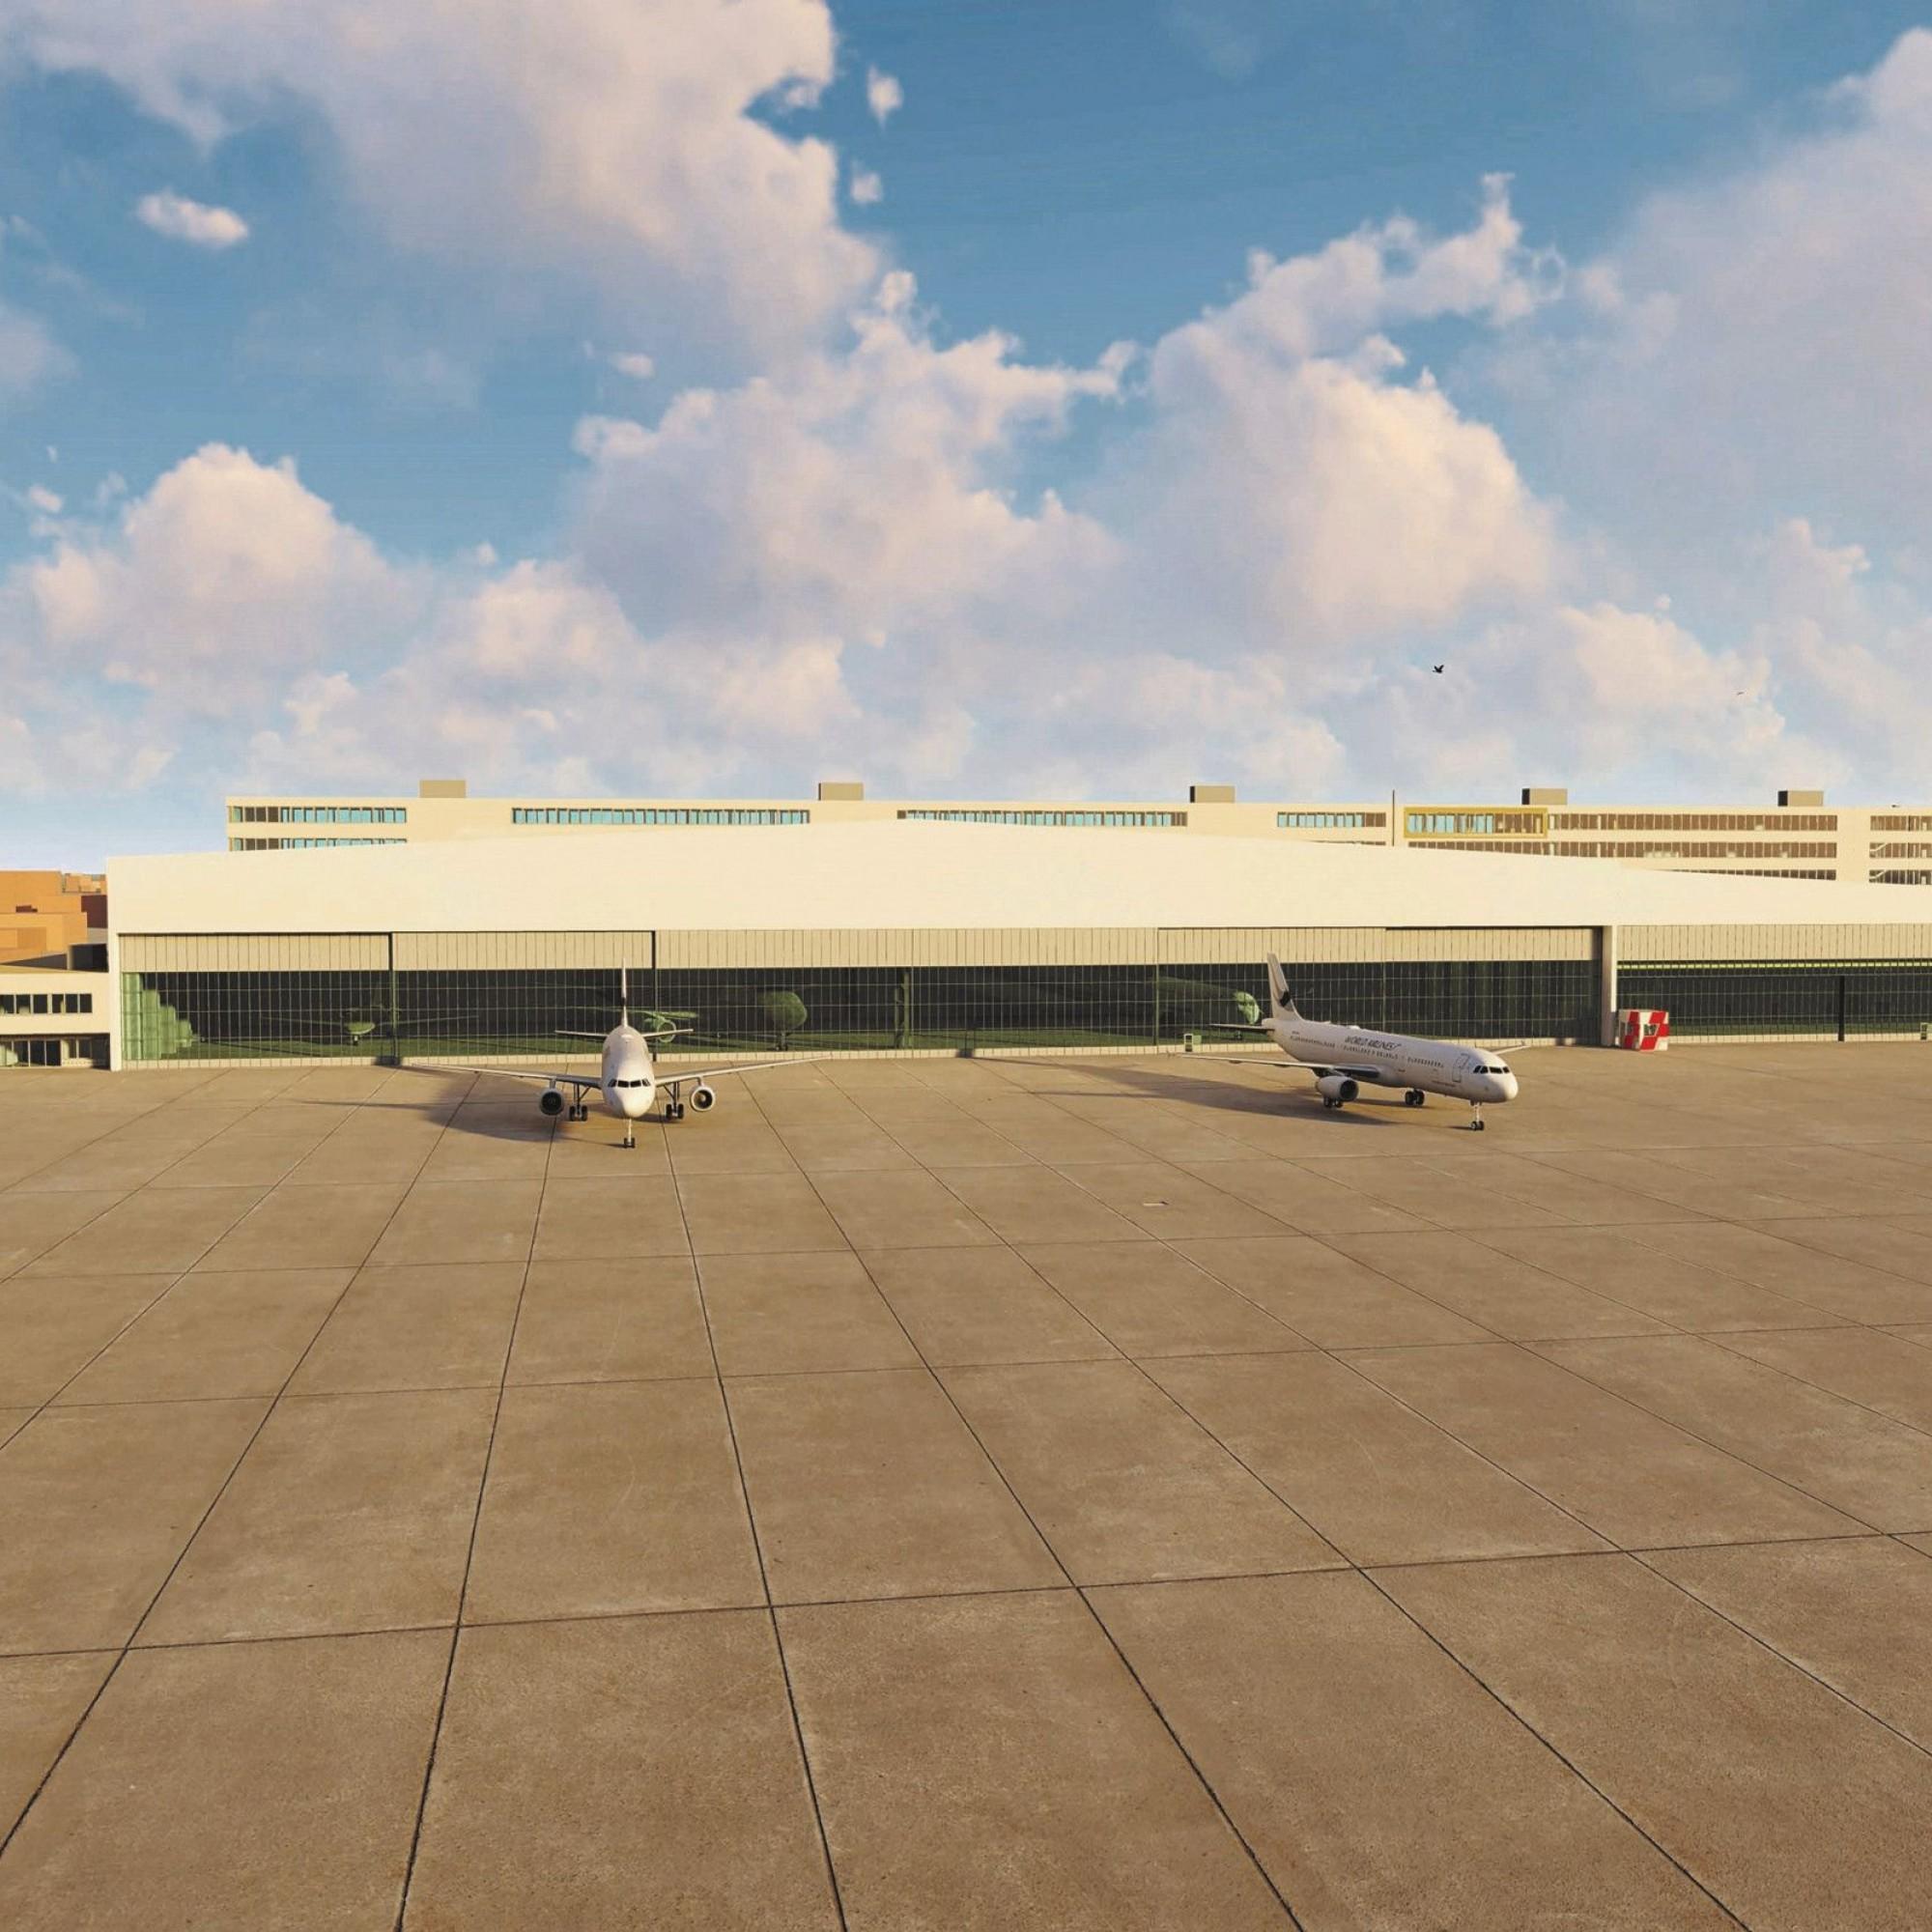 Projekt Hangar für Geschäftsfliegerei, Flughafen Zürich